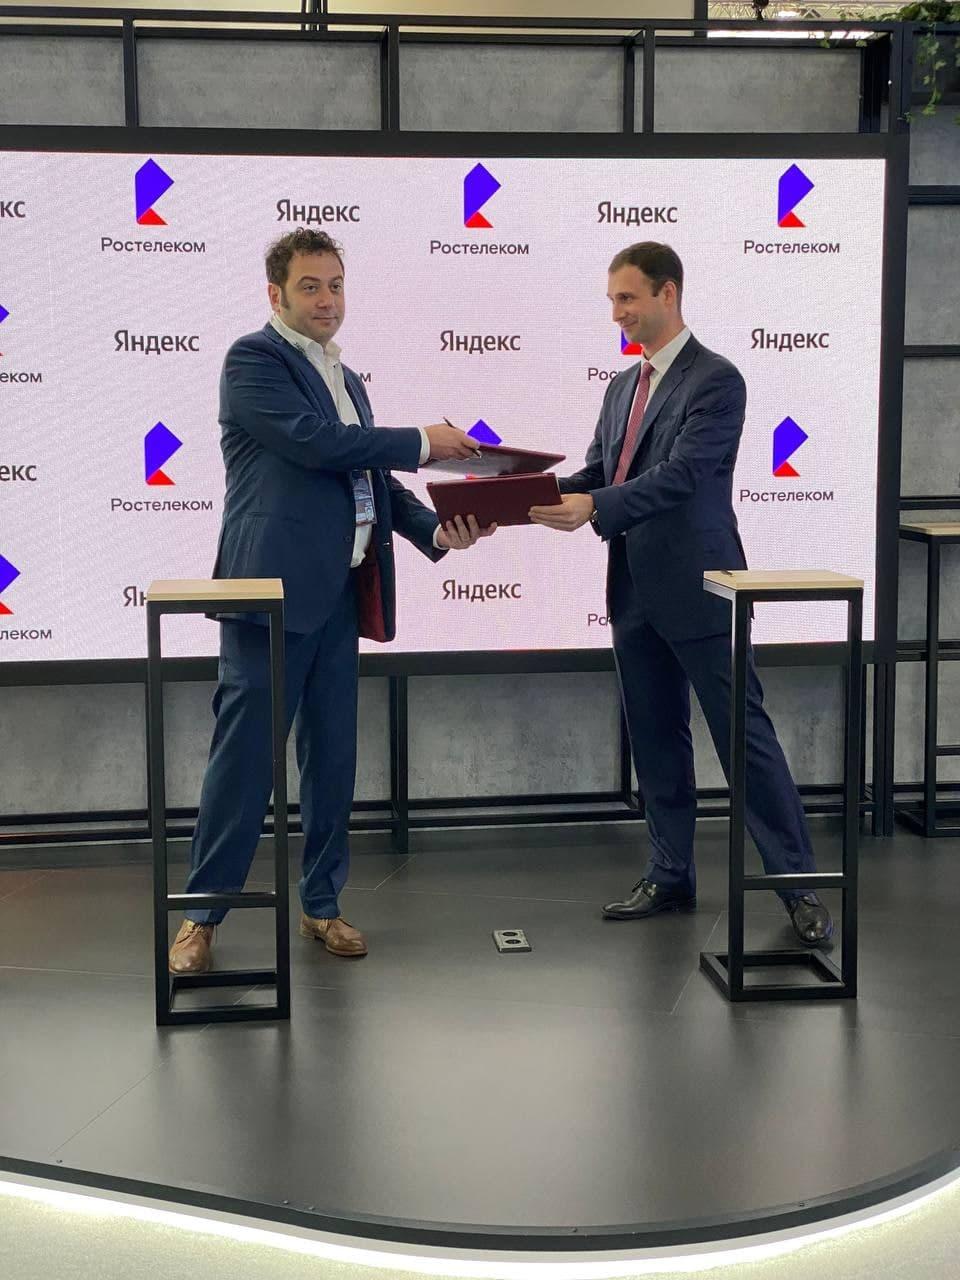 «Ростелеком» и Яндекс представят совместные облачные сервисы для бизнеса и госсектора